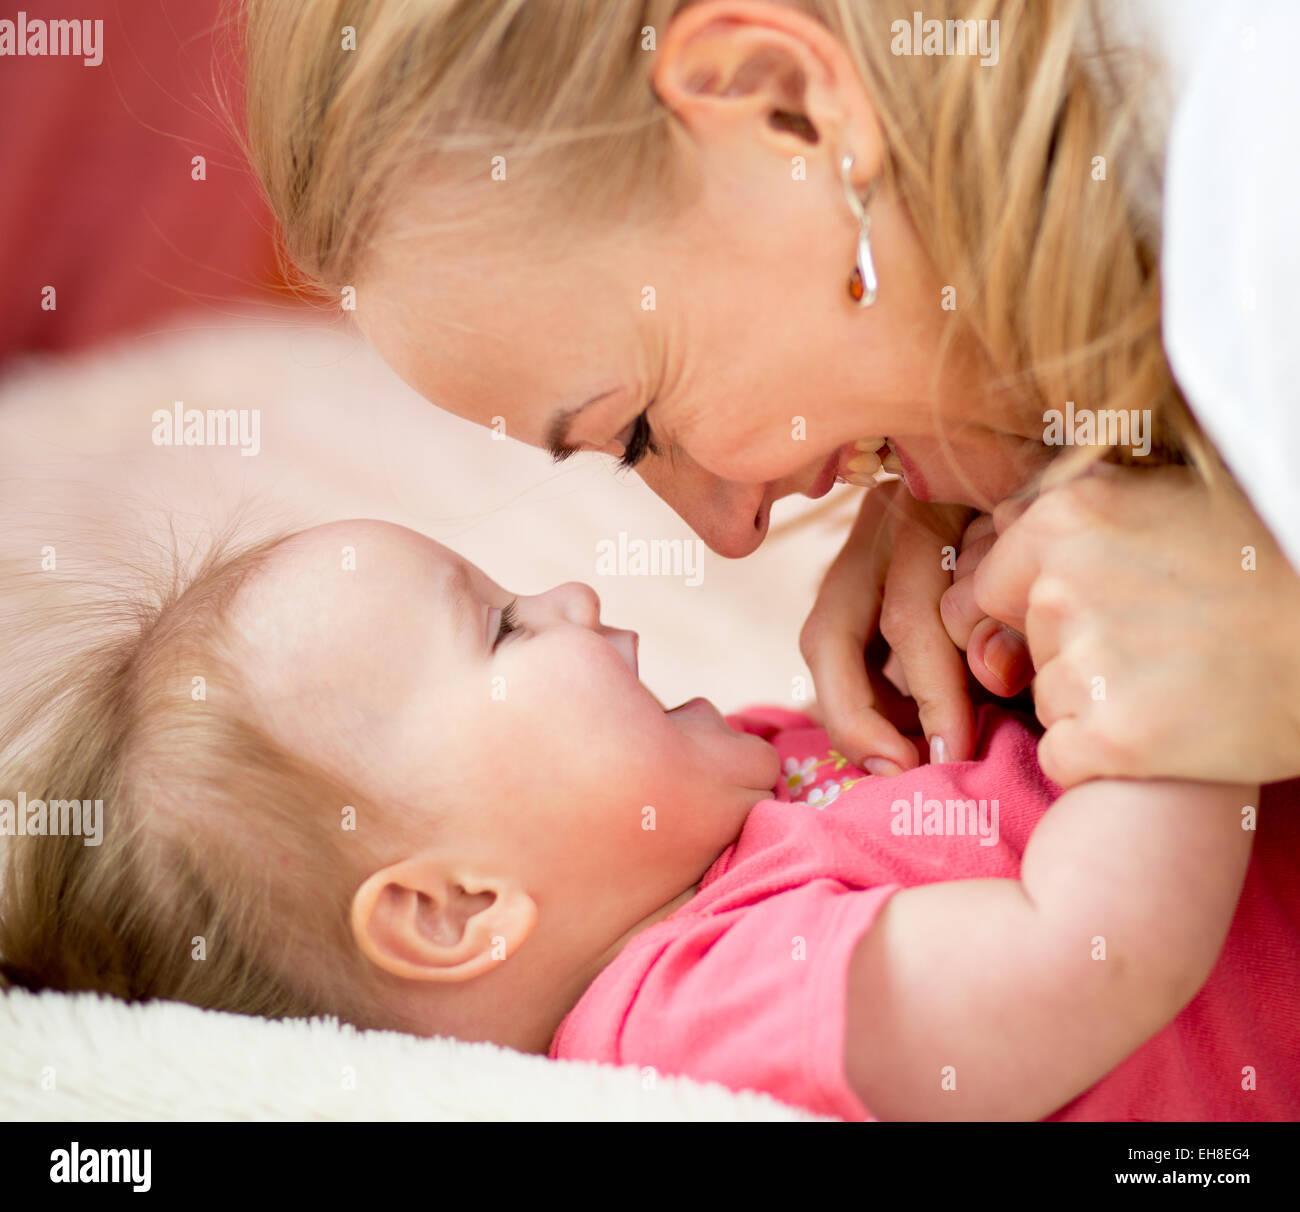 Maman regarde avec amour à l'enfant. Parenthood bonheur la conception. Photo Stock